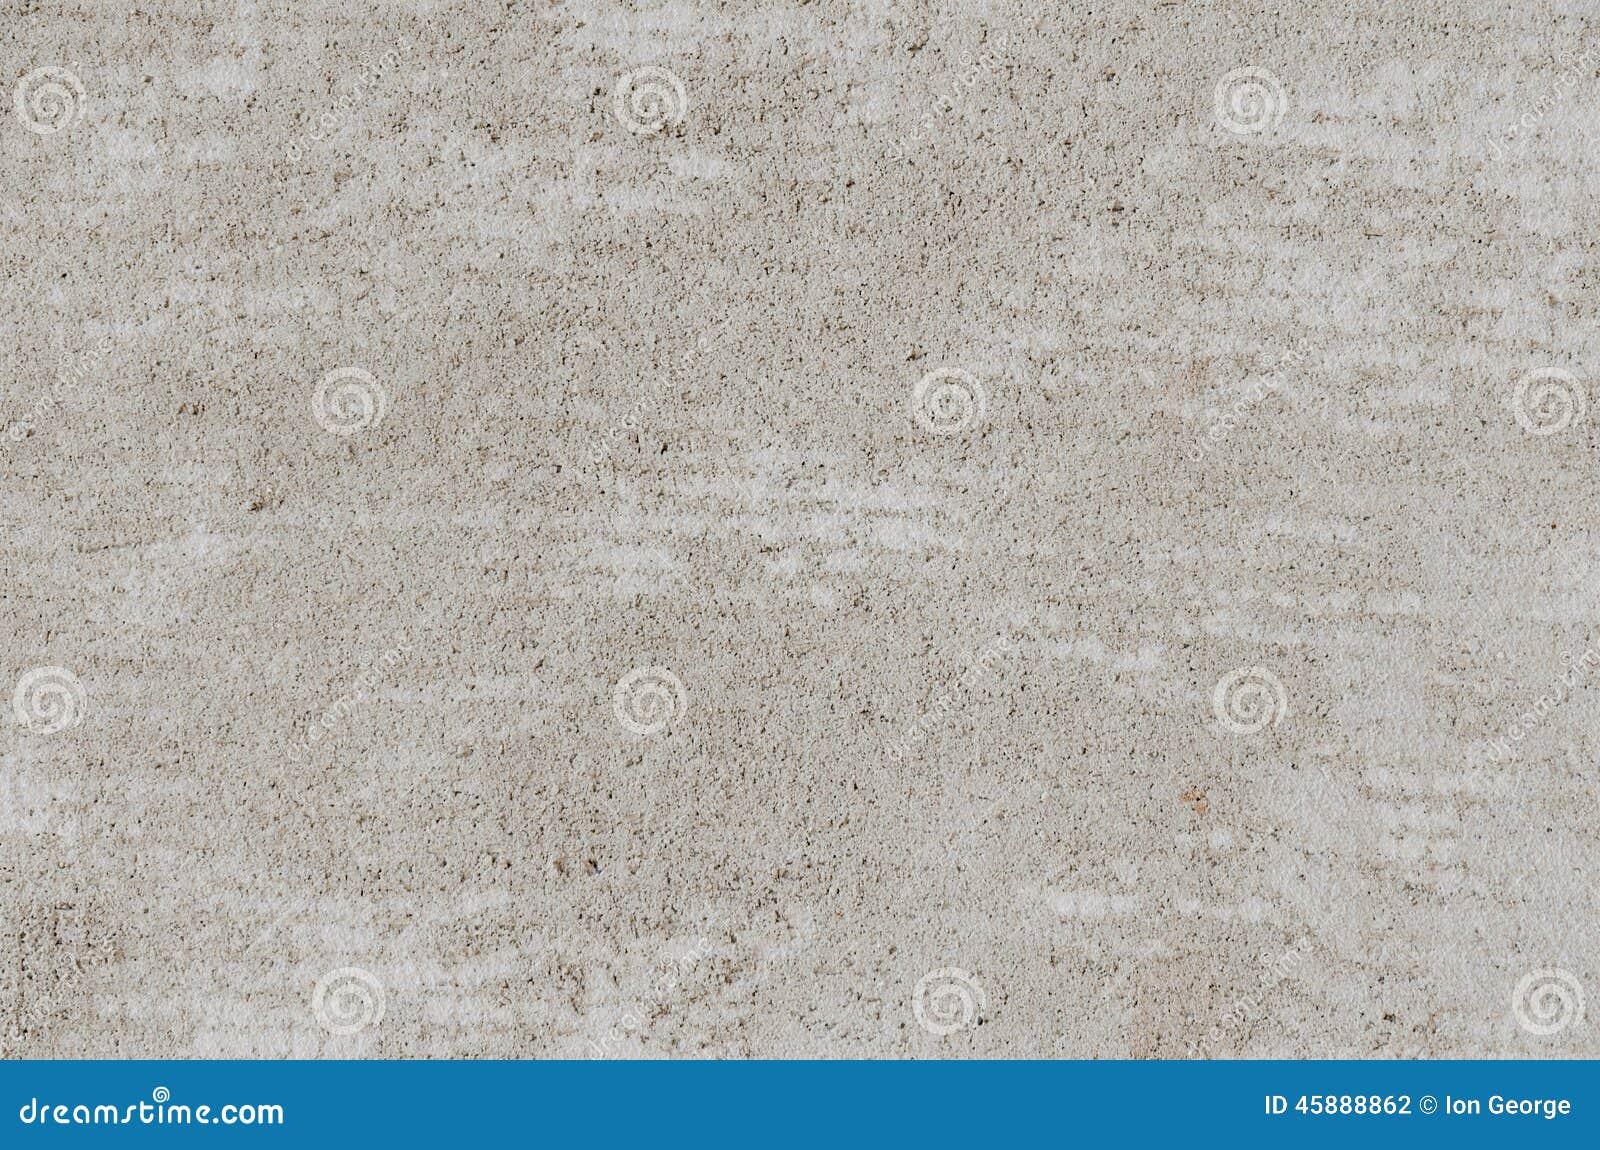 纤维增强混凝土_清洗混凝土墙与滤网玻璃纤维增强纹理背景.